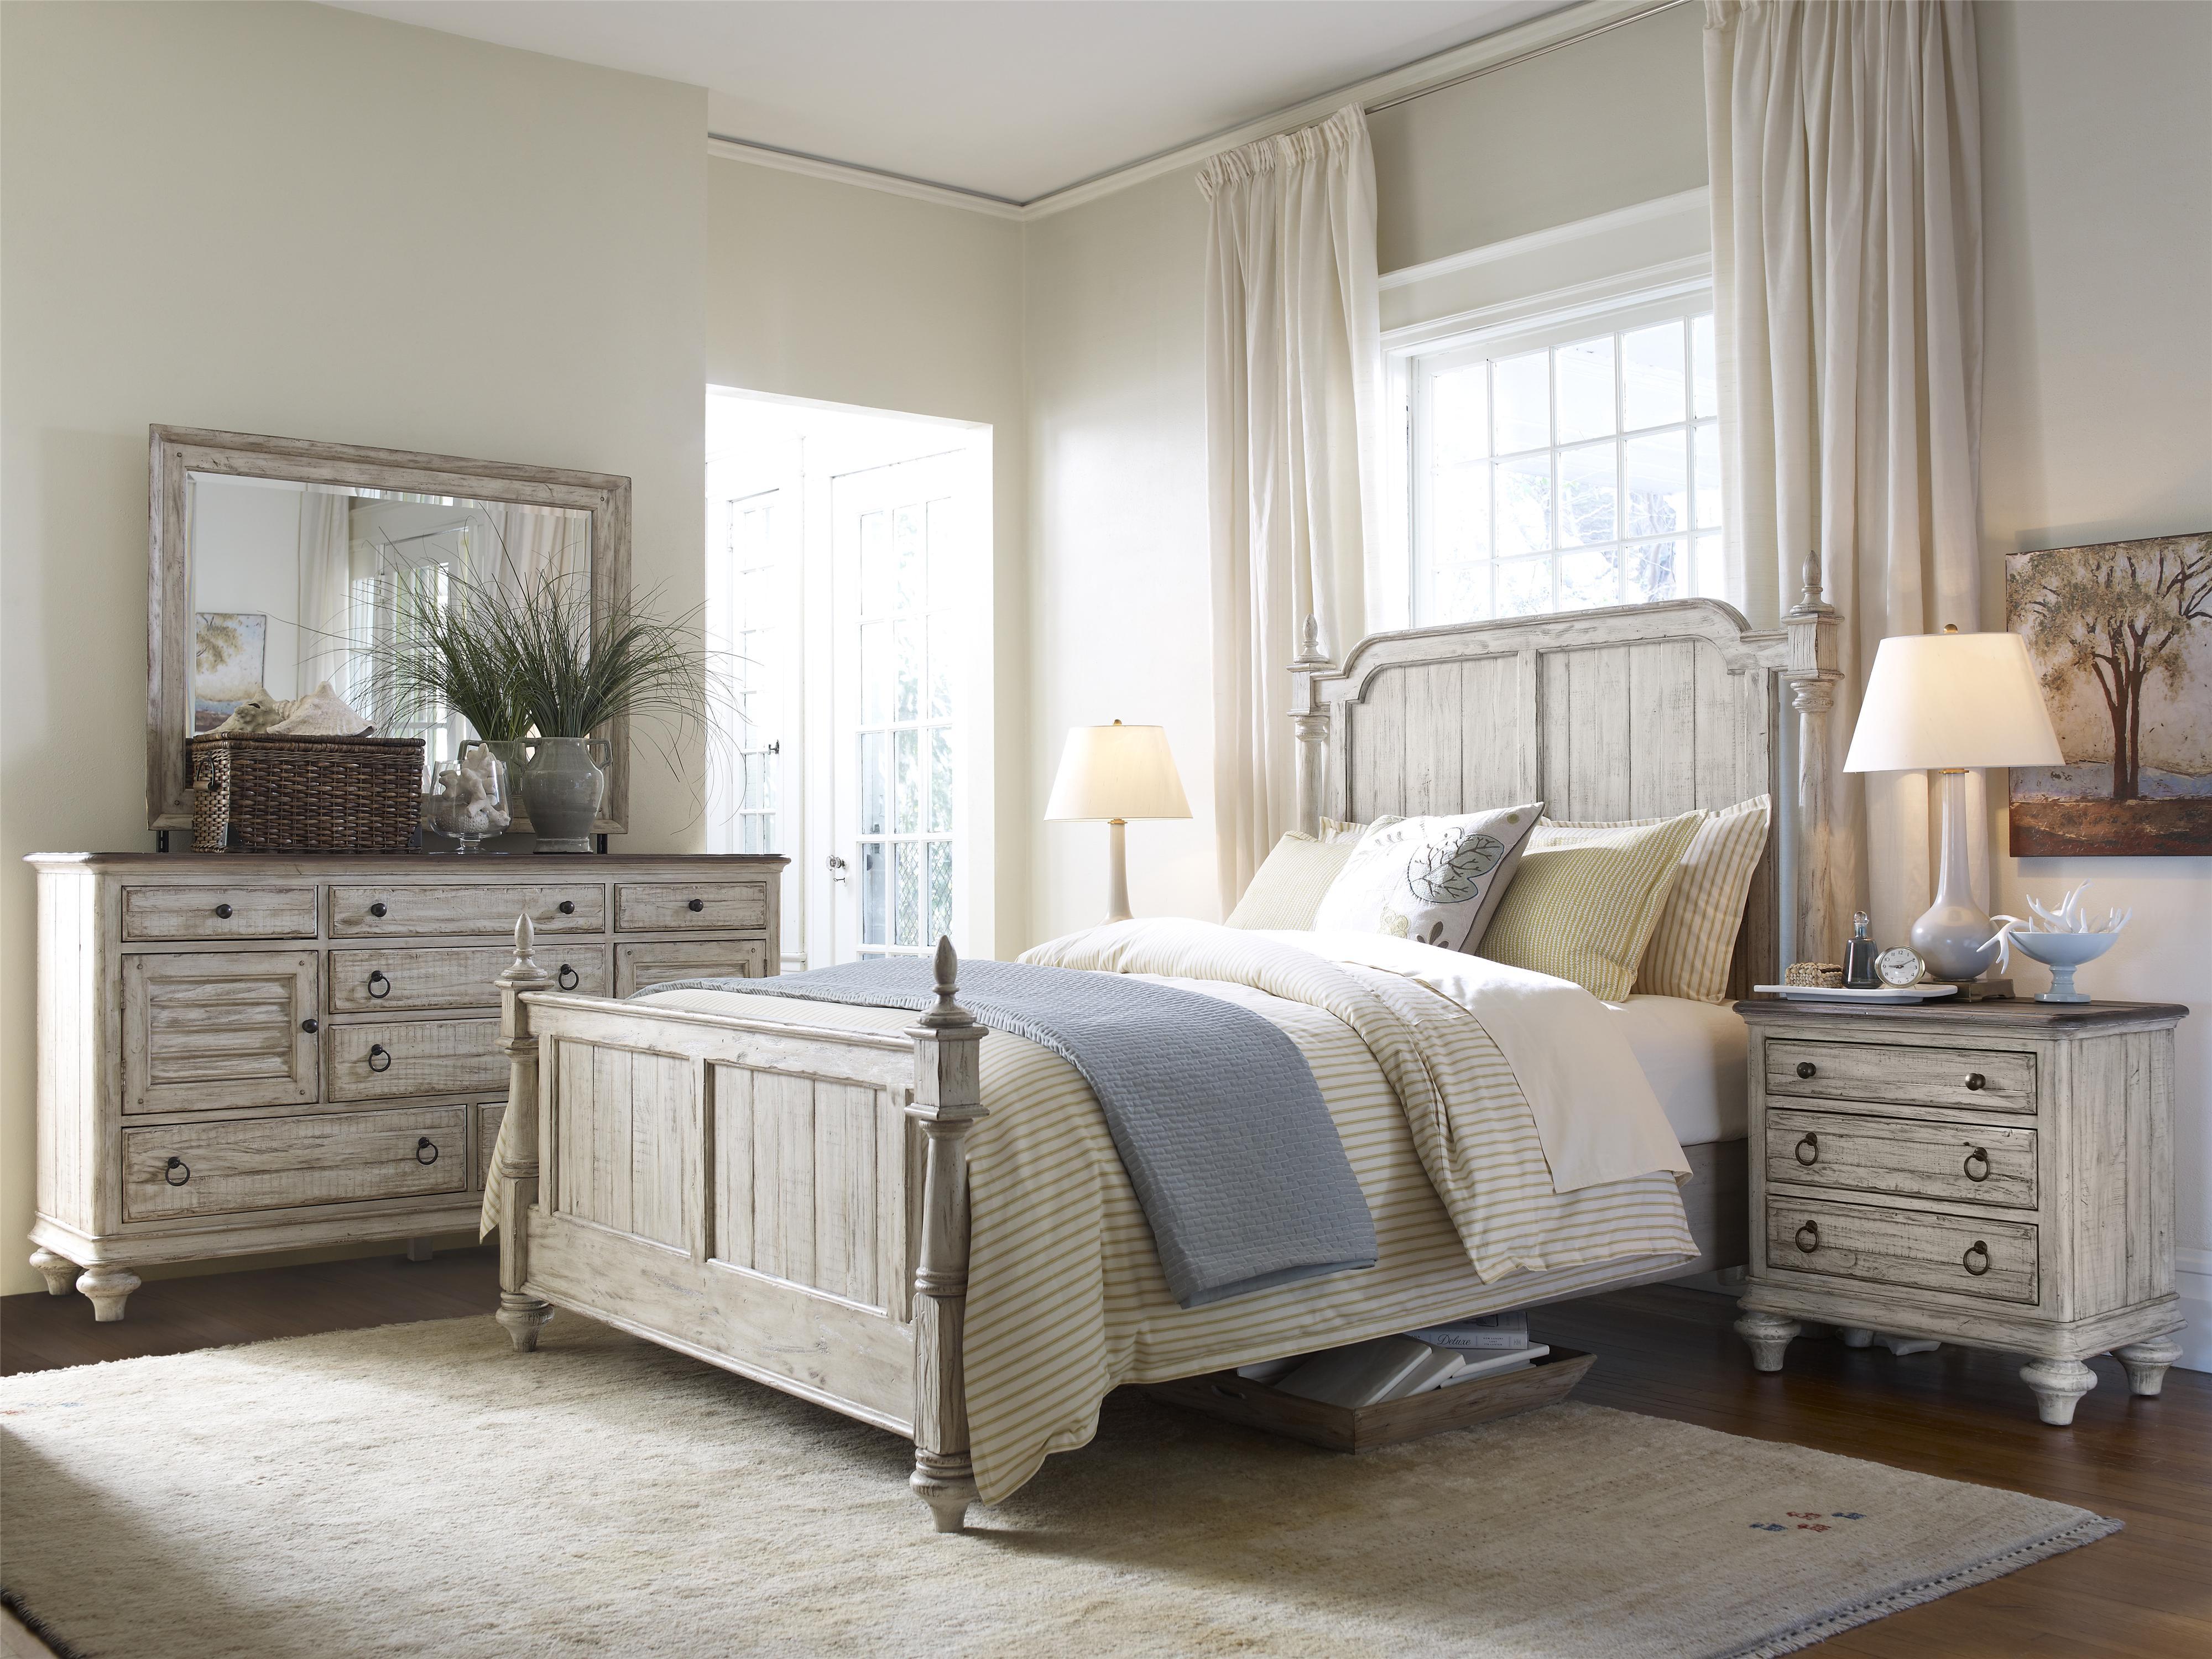 Kincaid Furniture Weatherford King Bedroom Group 1 Belfort Furniture Bedroom Groups